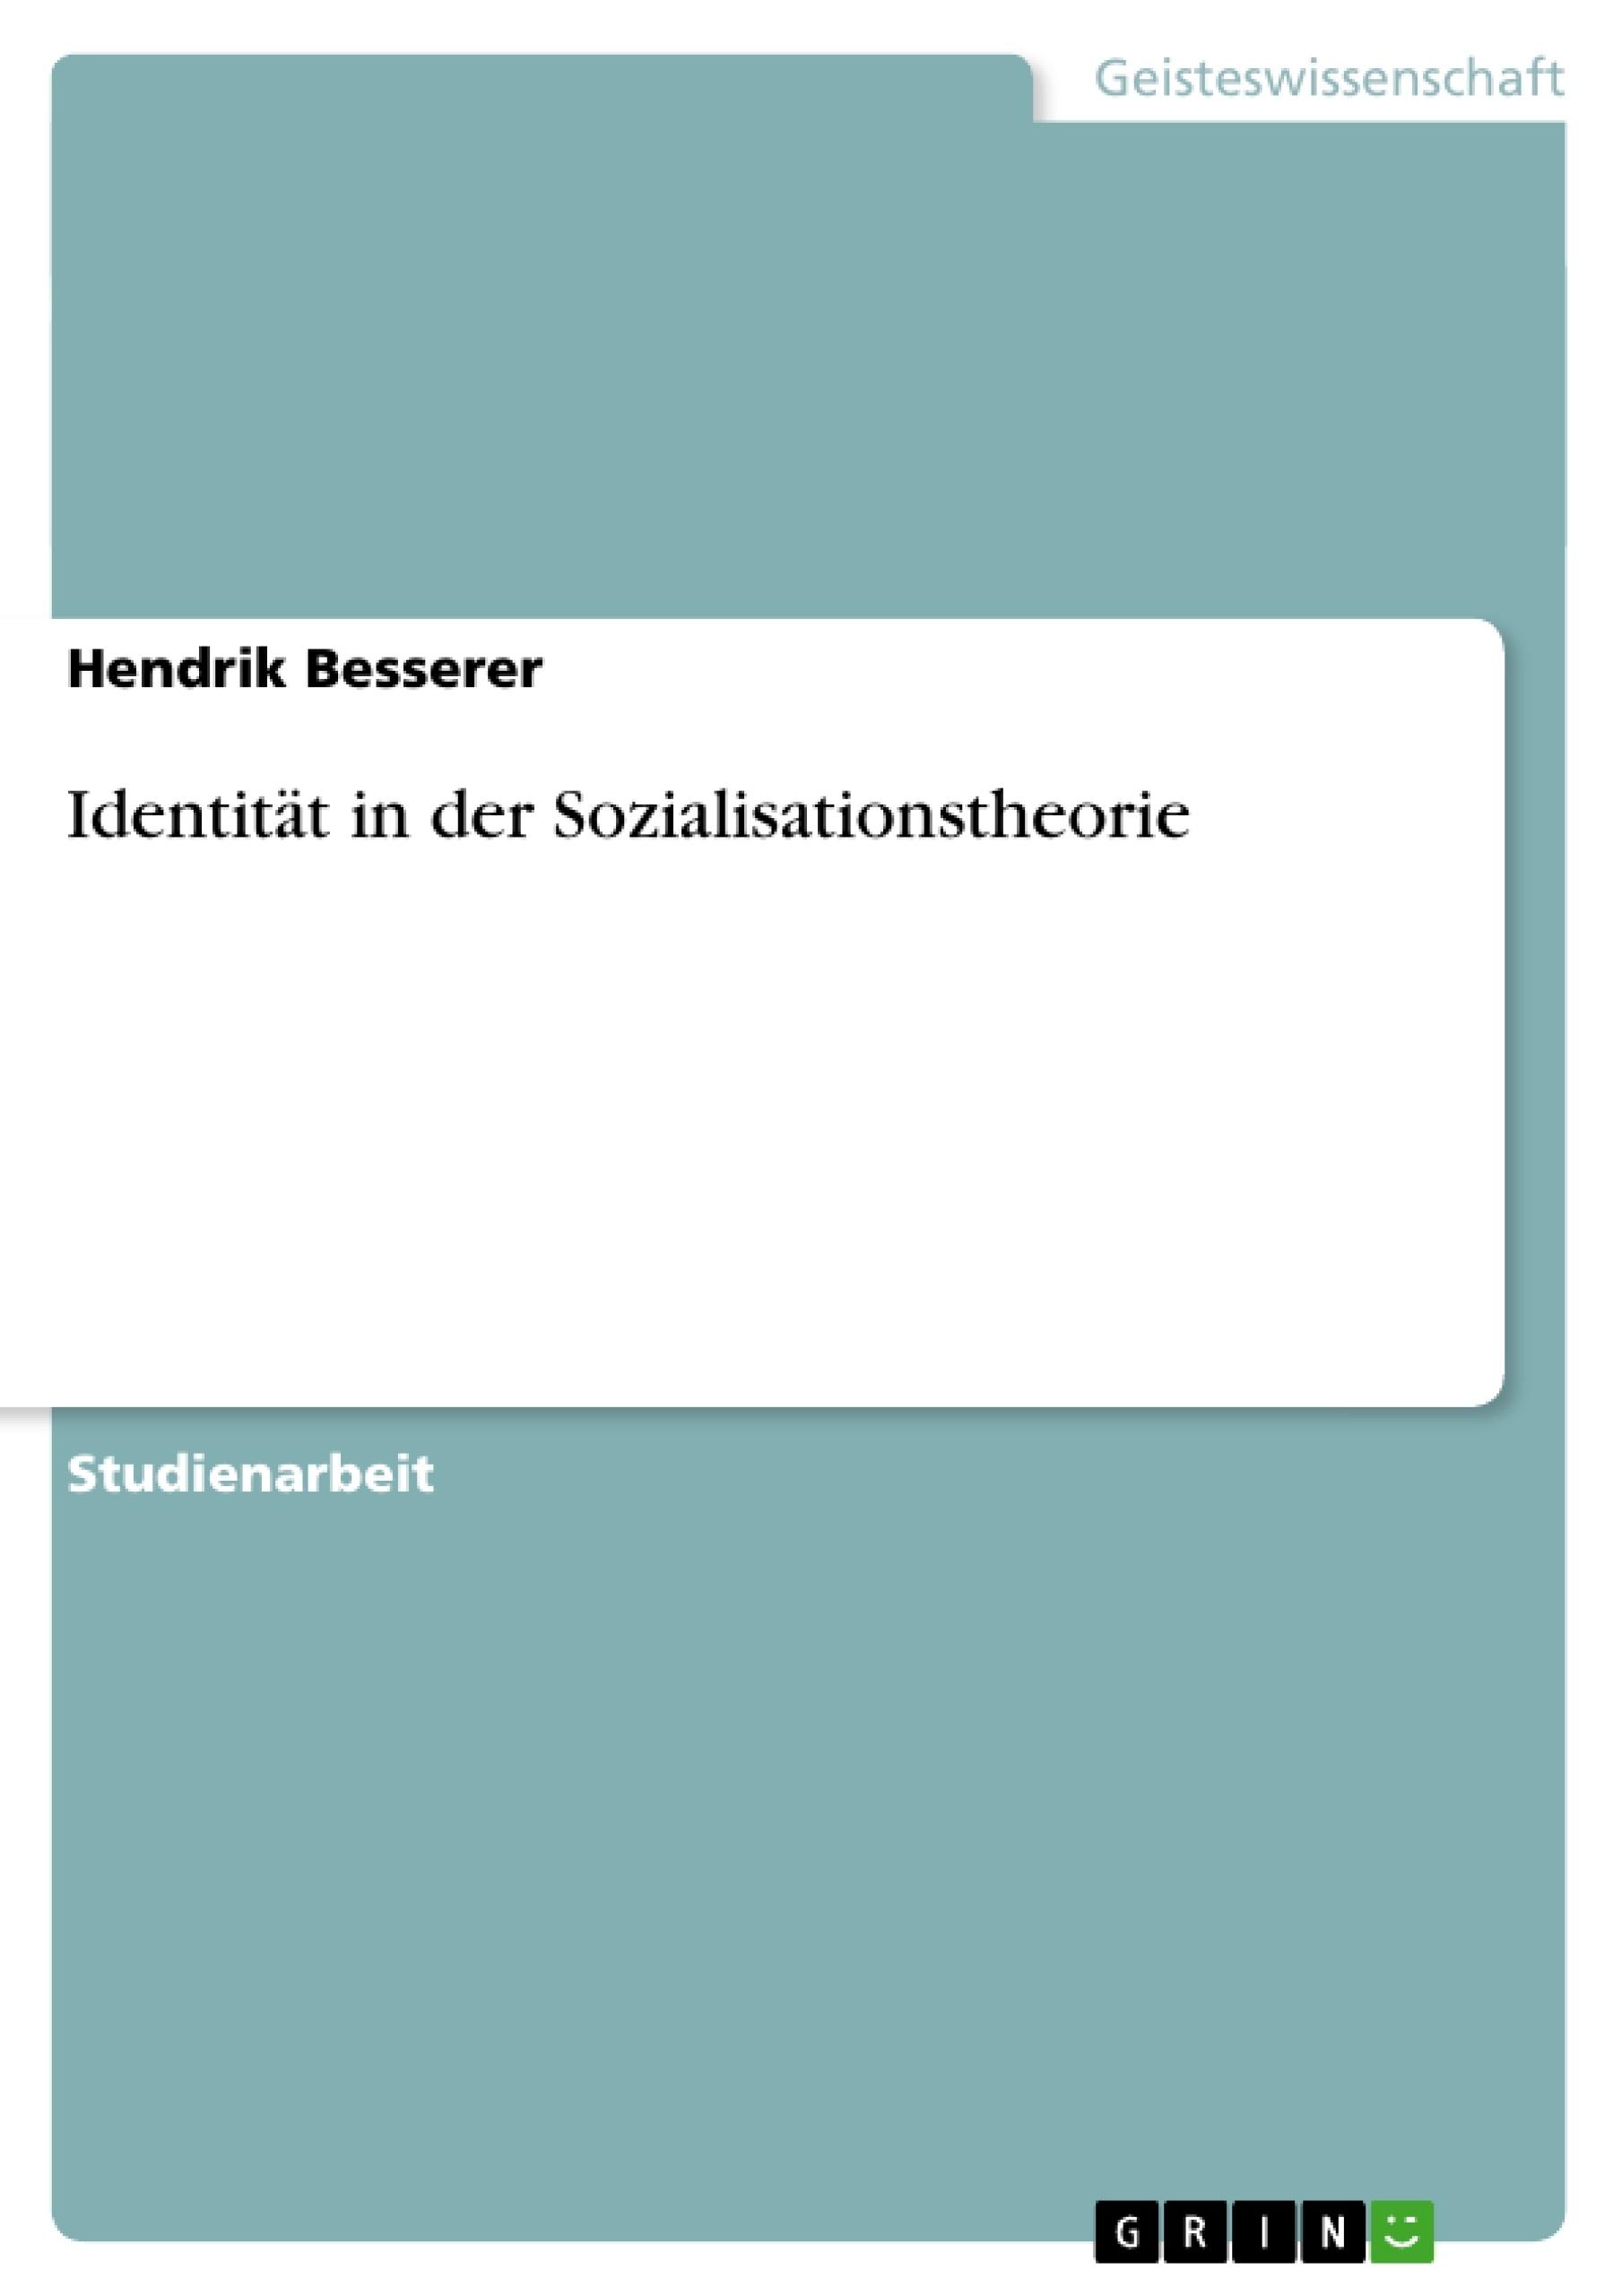 Titel: Identität in der Sozialisationstheorie